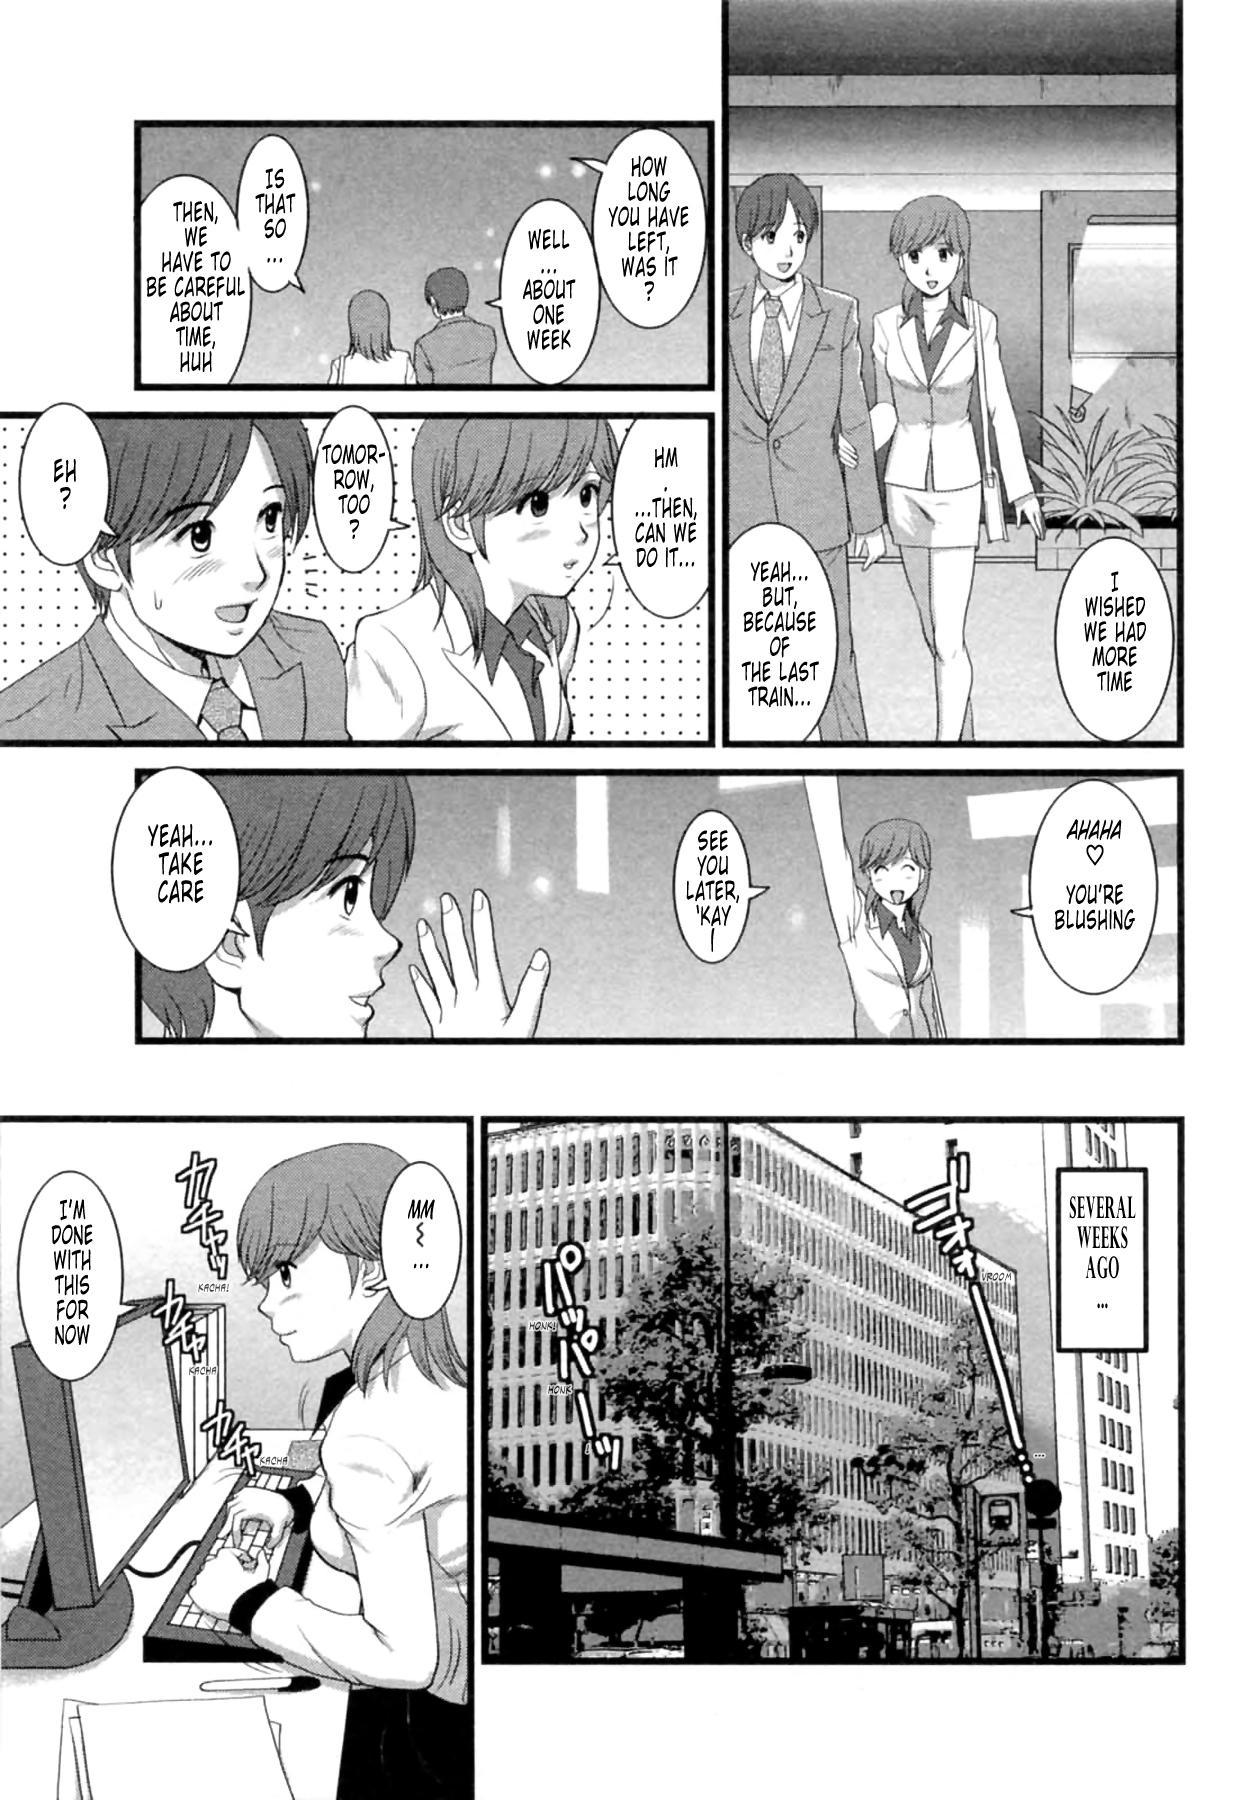 [Saigado] Haken no Muuko-san 2 Ch. 11-15 [English] [Tonigobe] 71